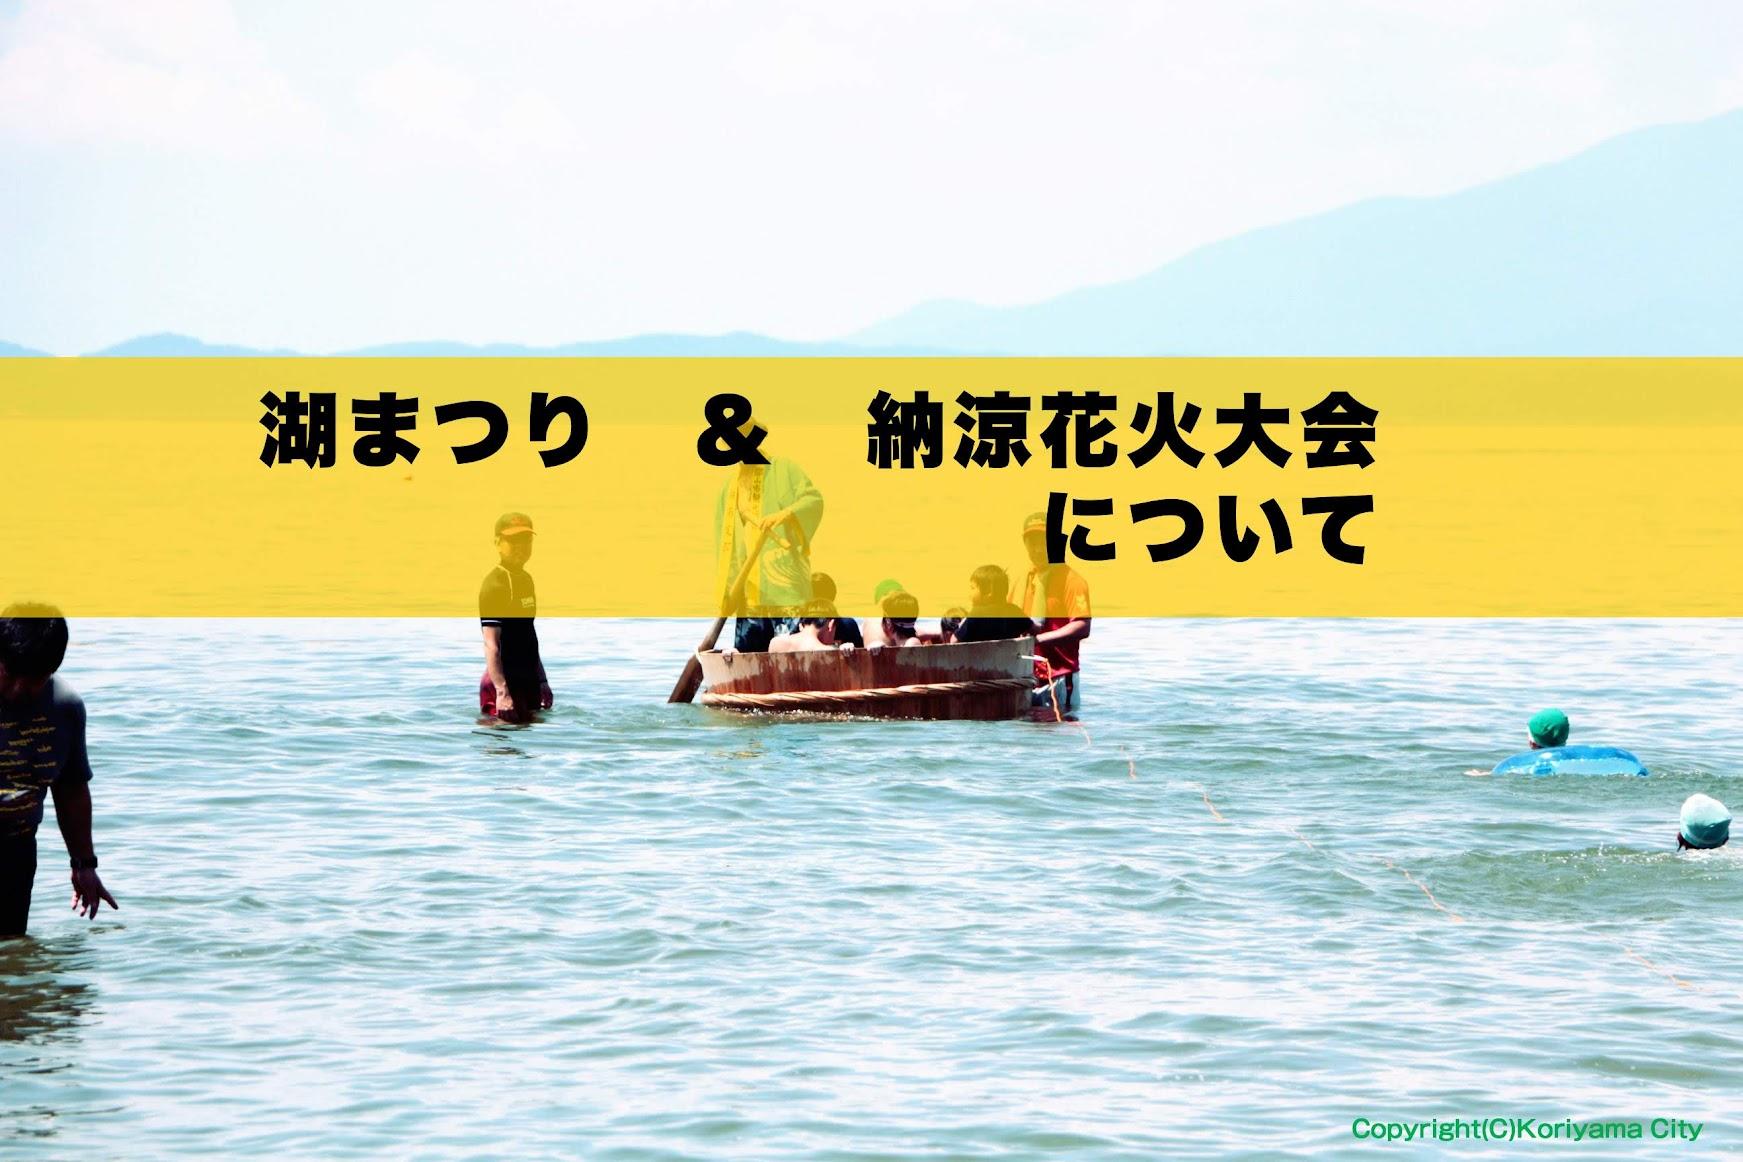 湖まつり ( 湖南町商工会 主催 )& 猪苗代 湖上 の 花火大会 について